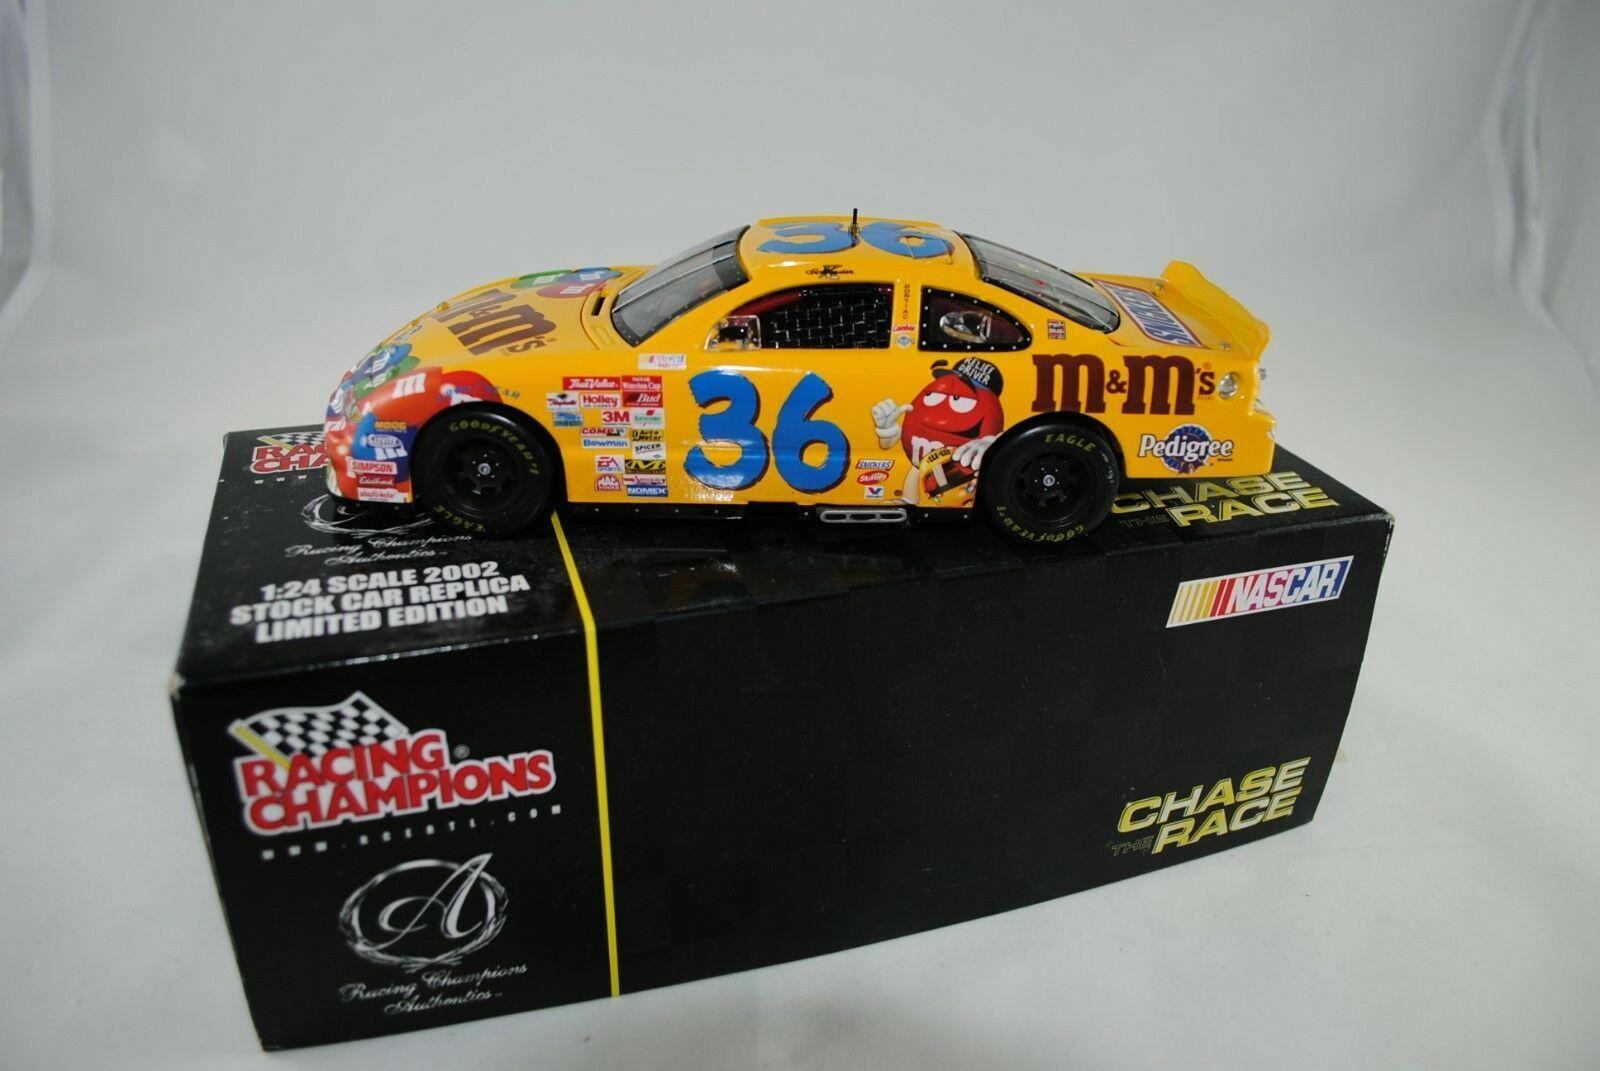 1 24 Ertl Rc Pontiac Grand Prix Ken Schrader '36 M & MS 2002